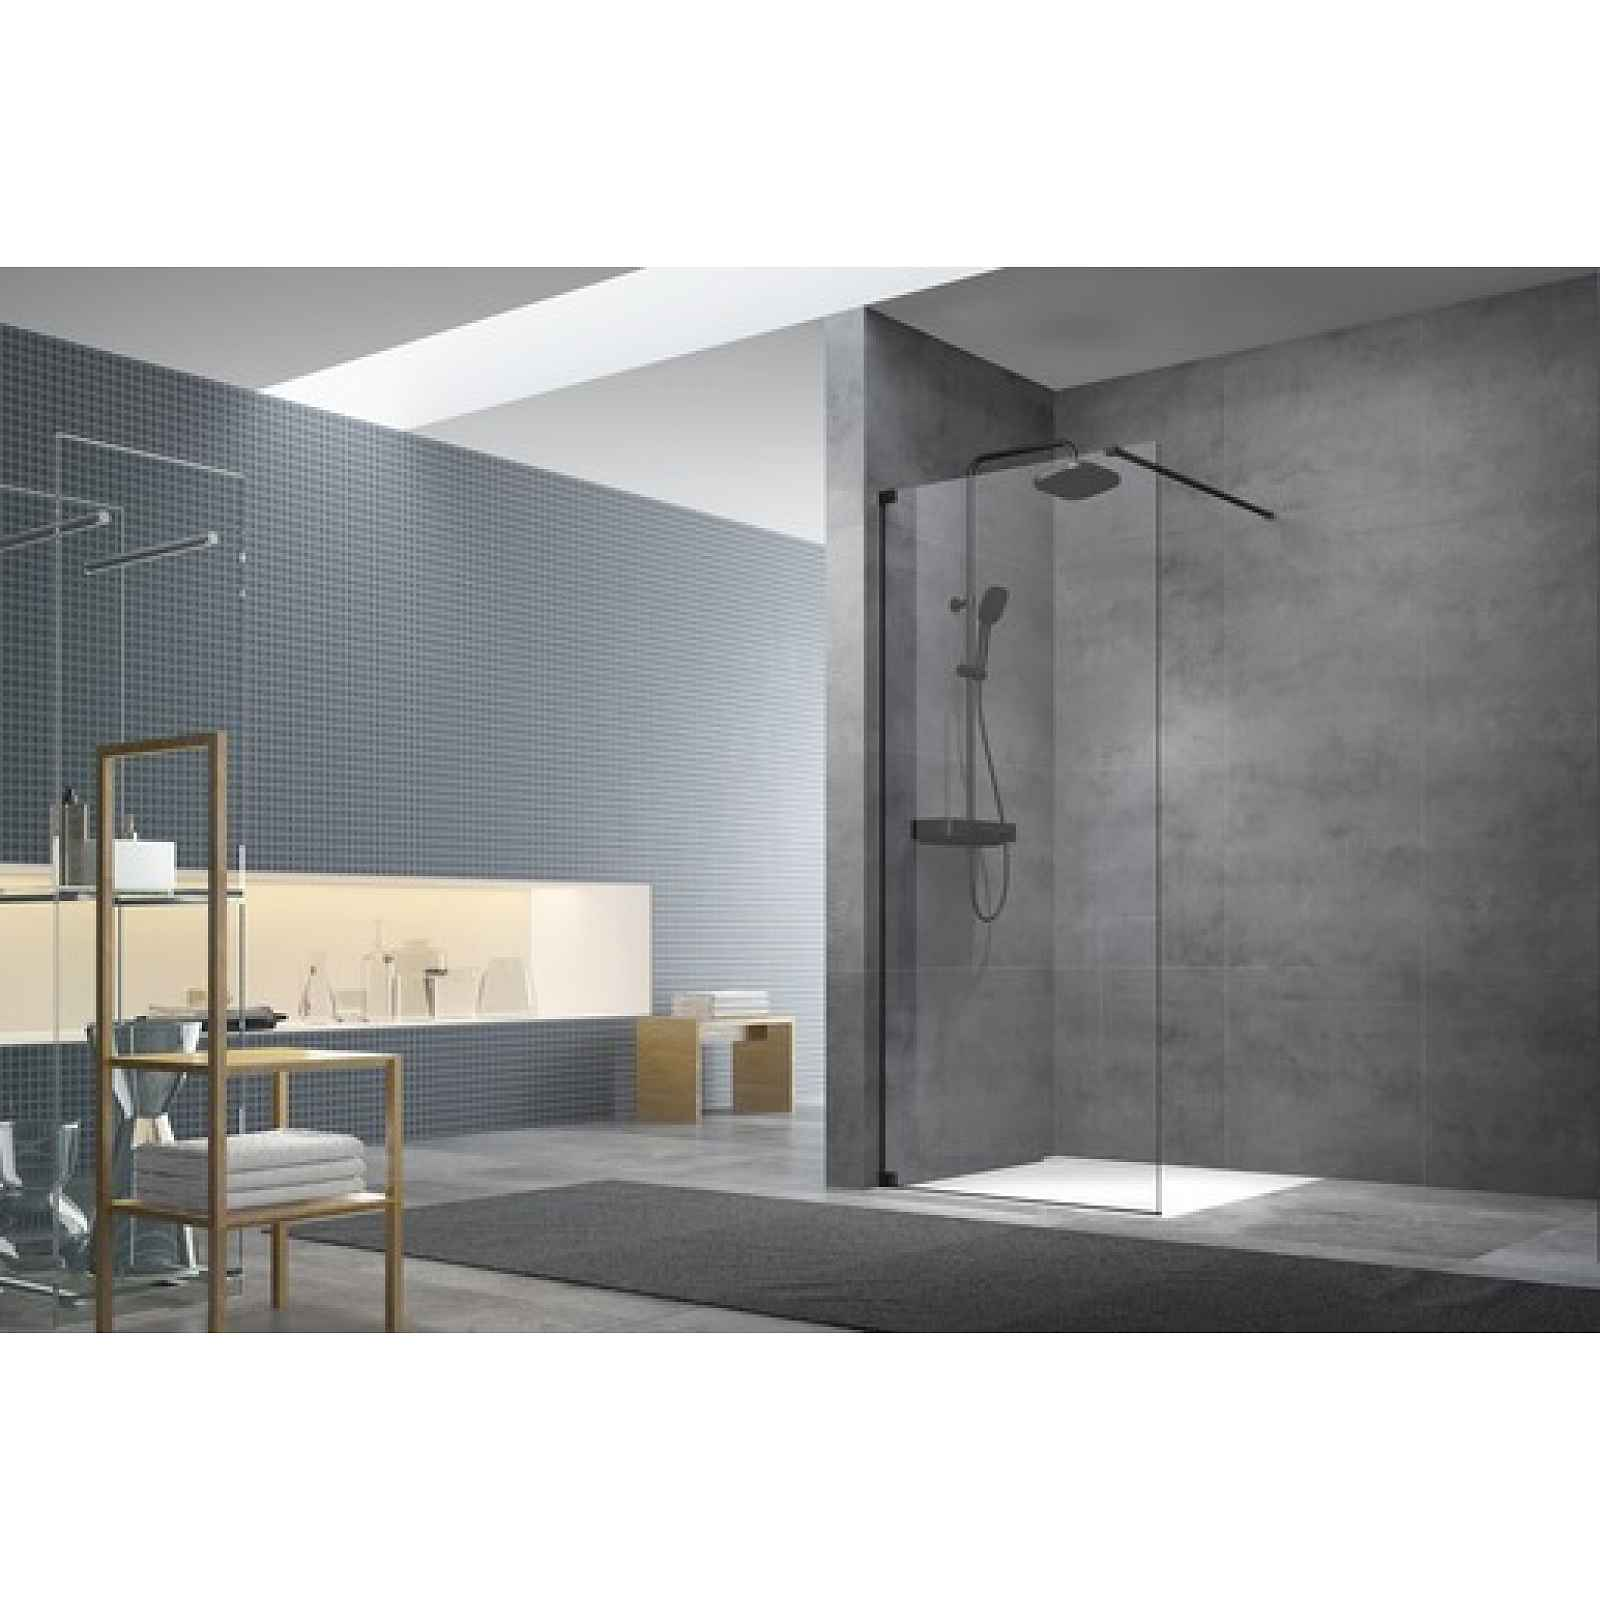 Sprchová zástěna walk-in Walk-In / dveře 120 cm s panty a zavětrováním Swiss Aqua Technologies Walk-in SATBWI120PAC